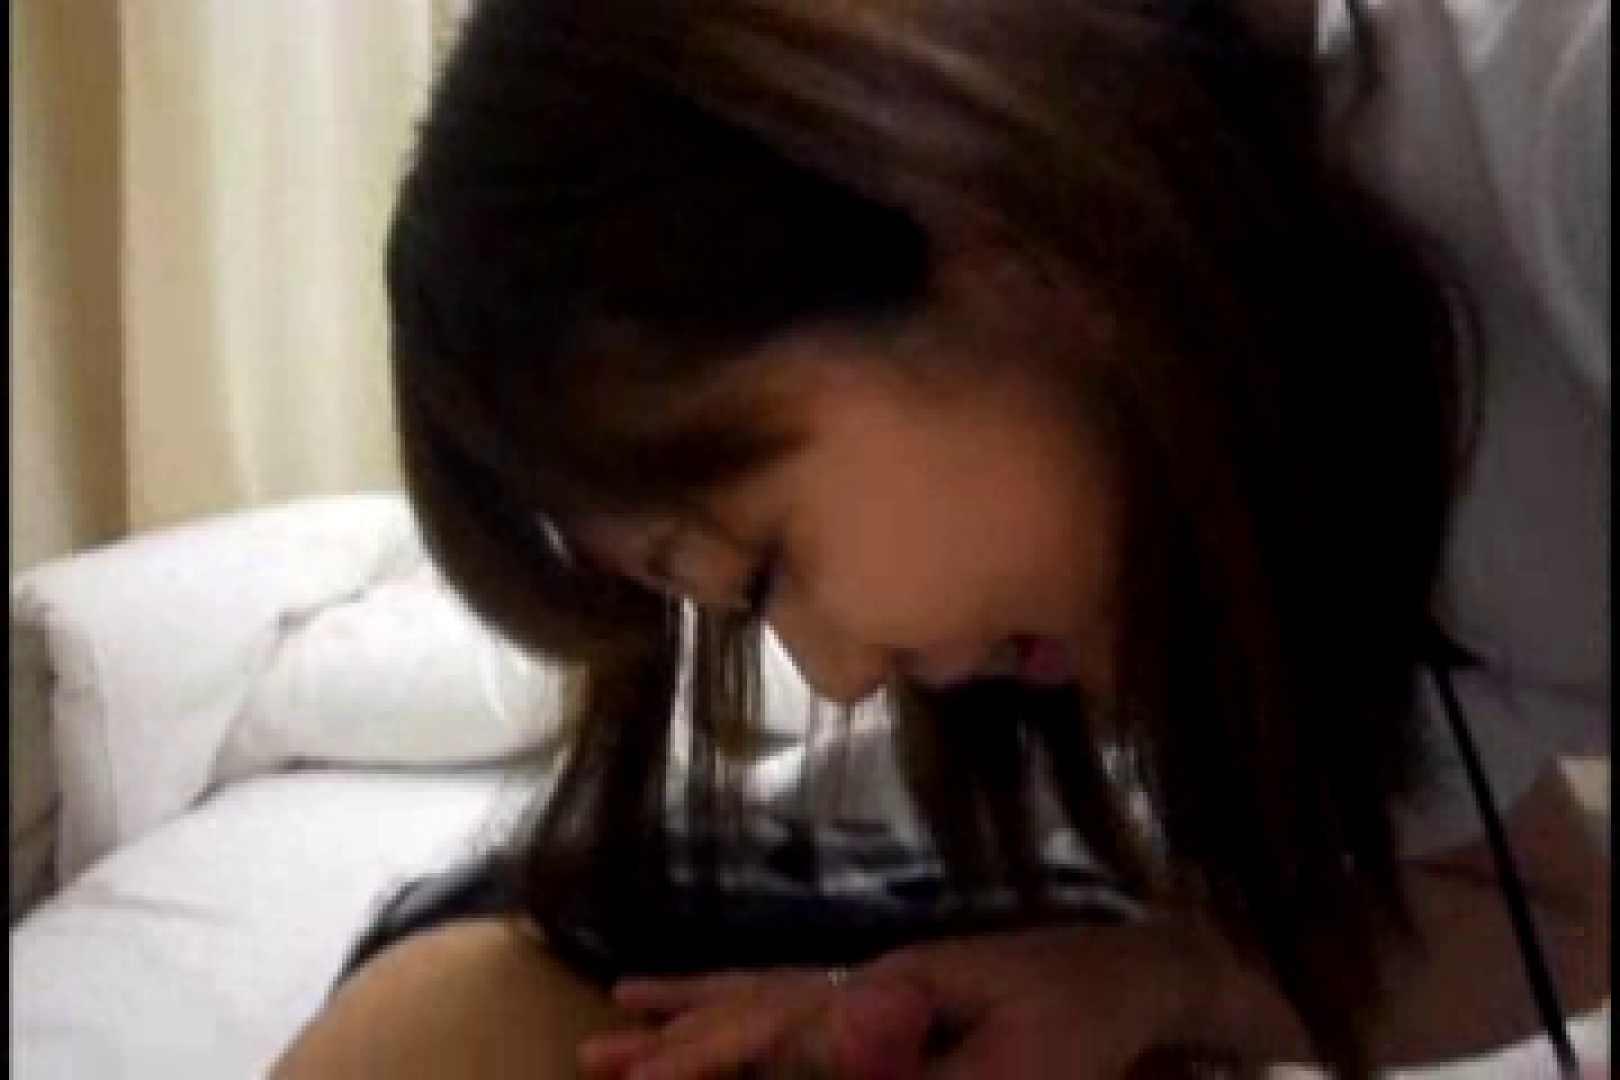 ヤリマンと呼ばれた看護士さんvol1 OLのエッチ | シックスナイン  112pic 94